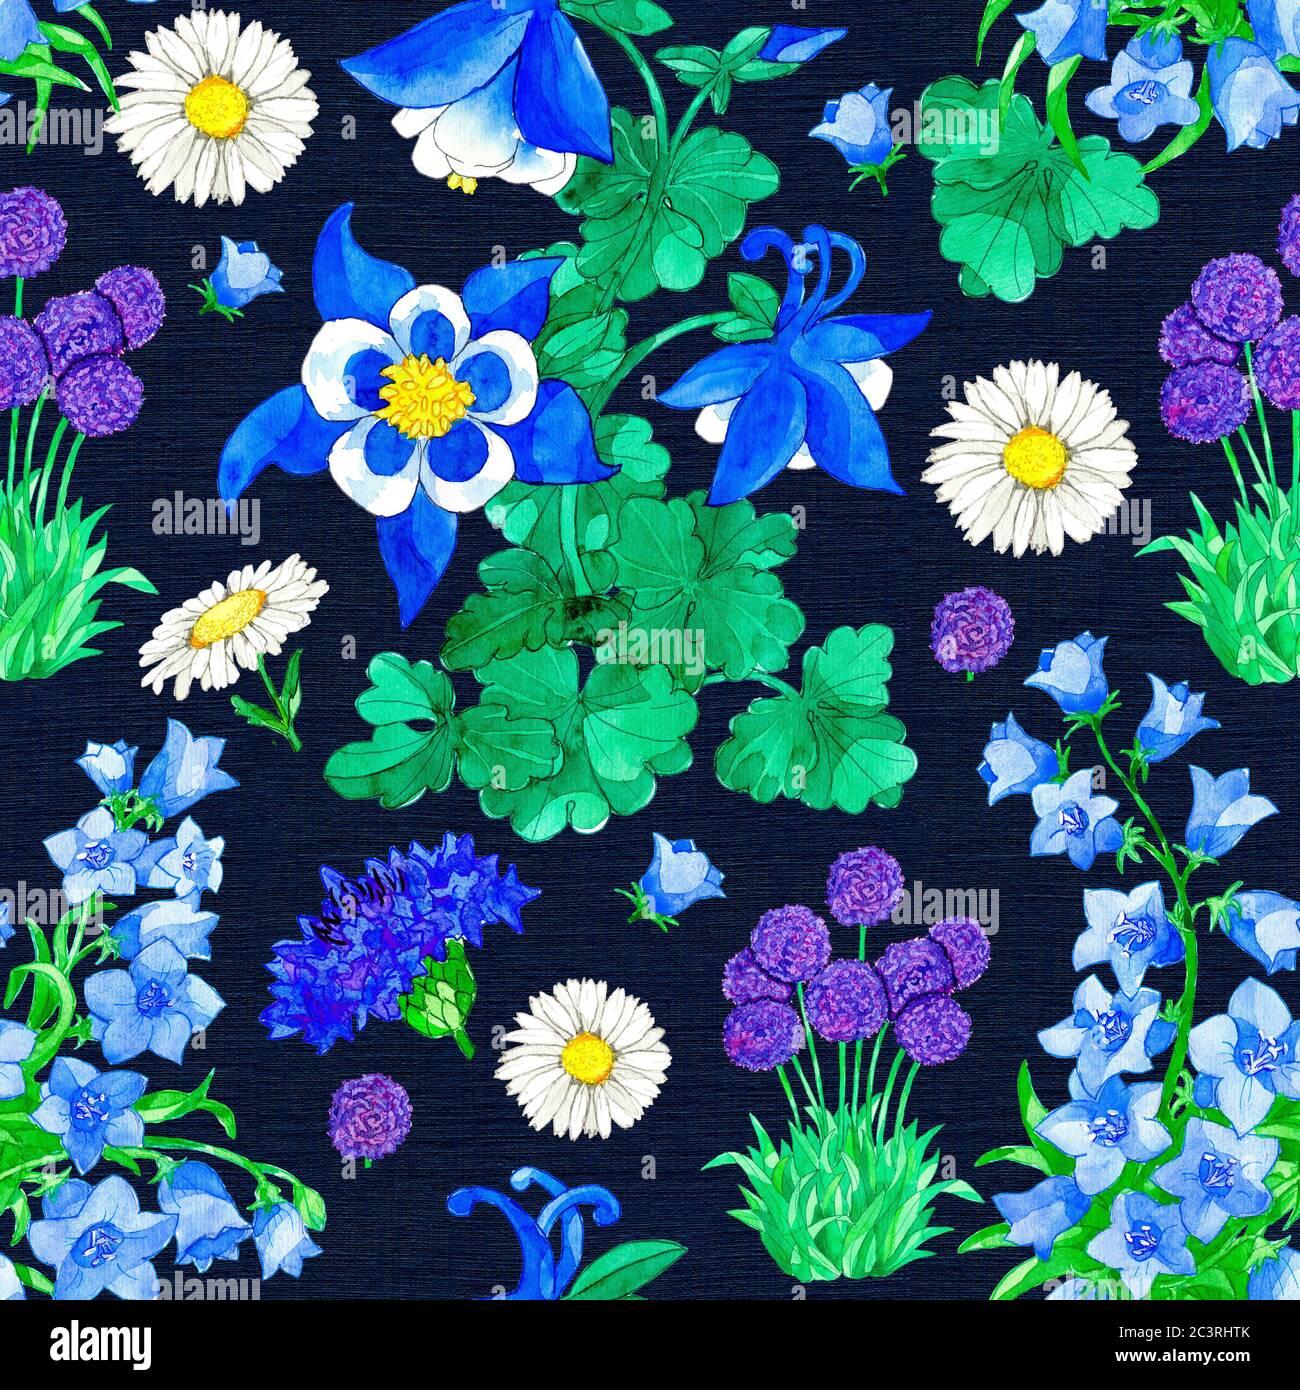 Motivo senza cuciture con Aquilegia, Allium, Bellflower e Cornflower su sfondo blu. Illustrazione botanica acquerello con elementi floreali per il testo Foto Stock